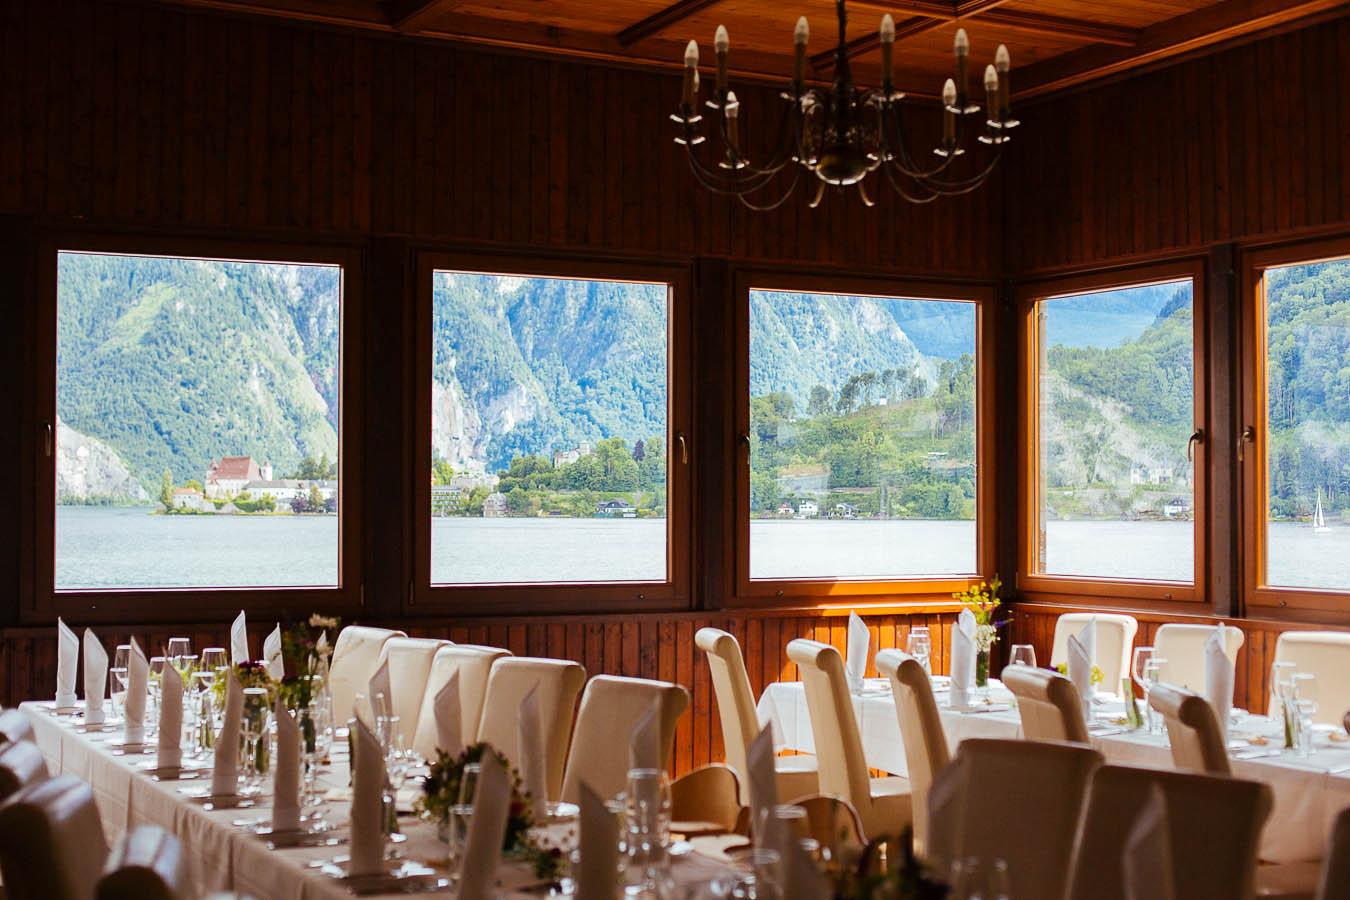 Hochzeit-Traunkirchen-Salzkammergut-Traunsee-96